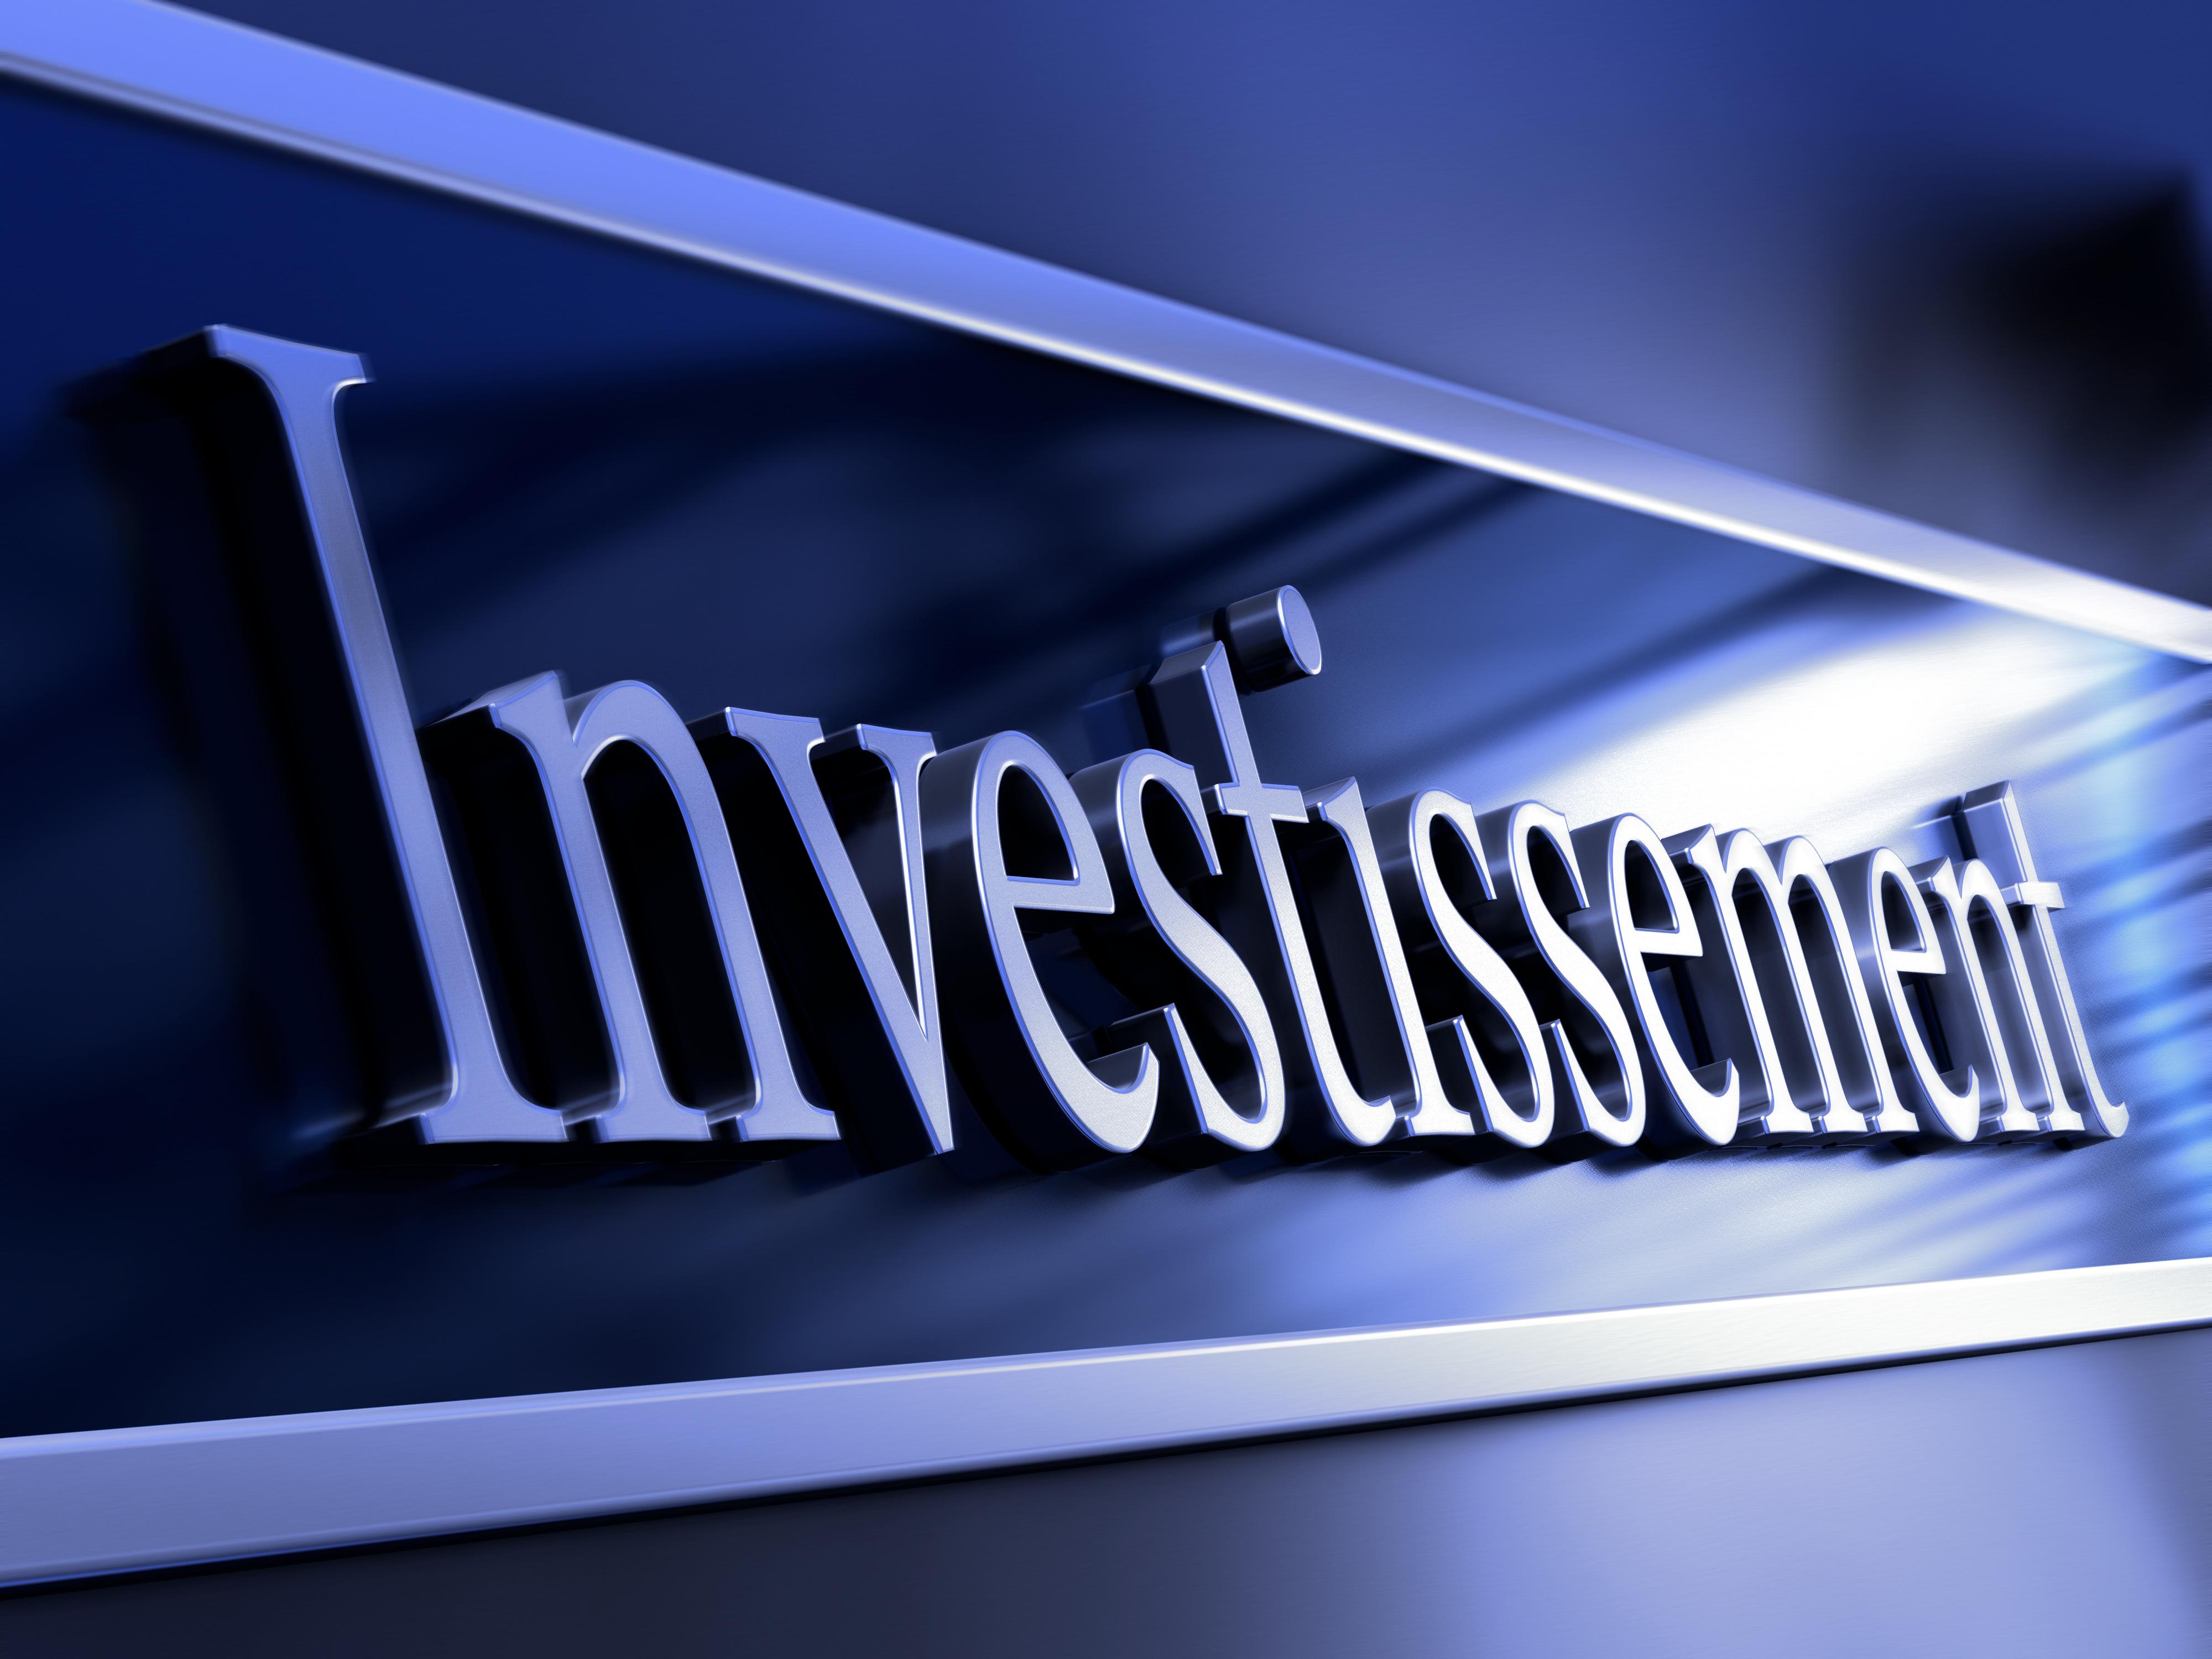 Investissements: Le Maroc le pays plus attractif en Afrique, selon EY